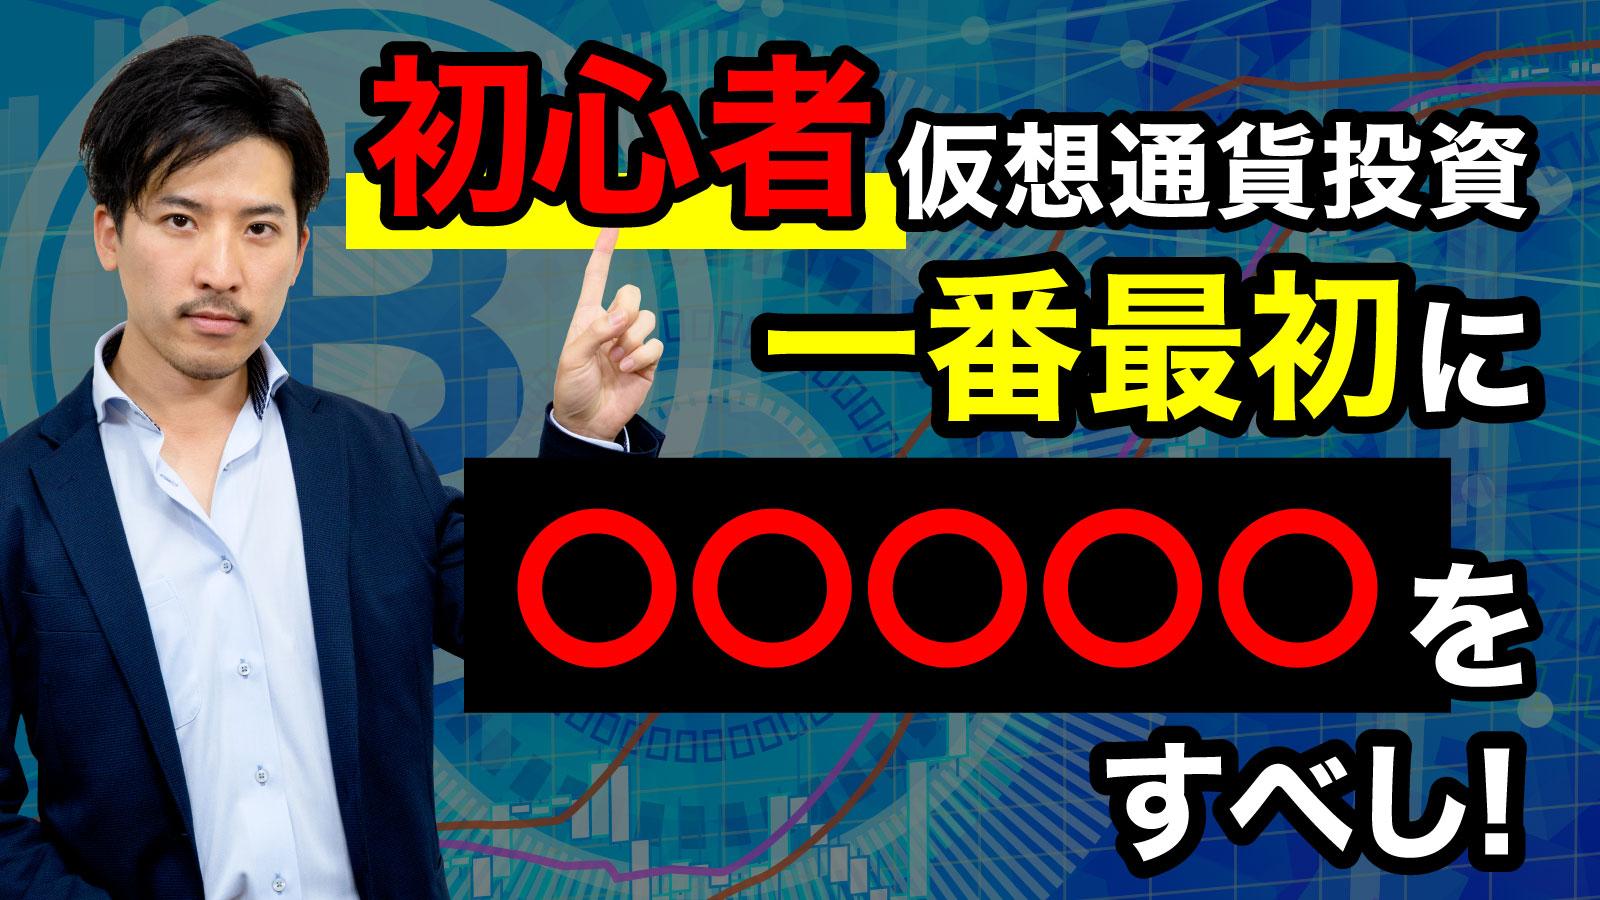 仮想通貨投資を学ぶ際に一番最初にすべきこと